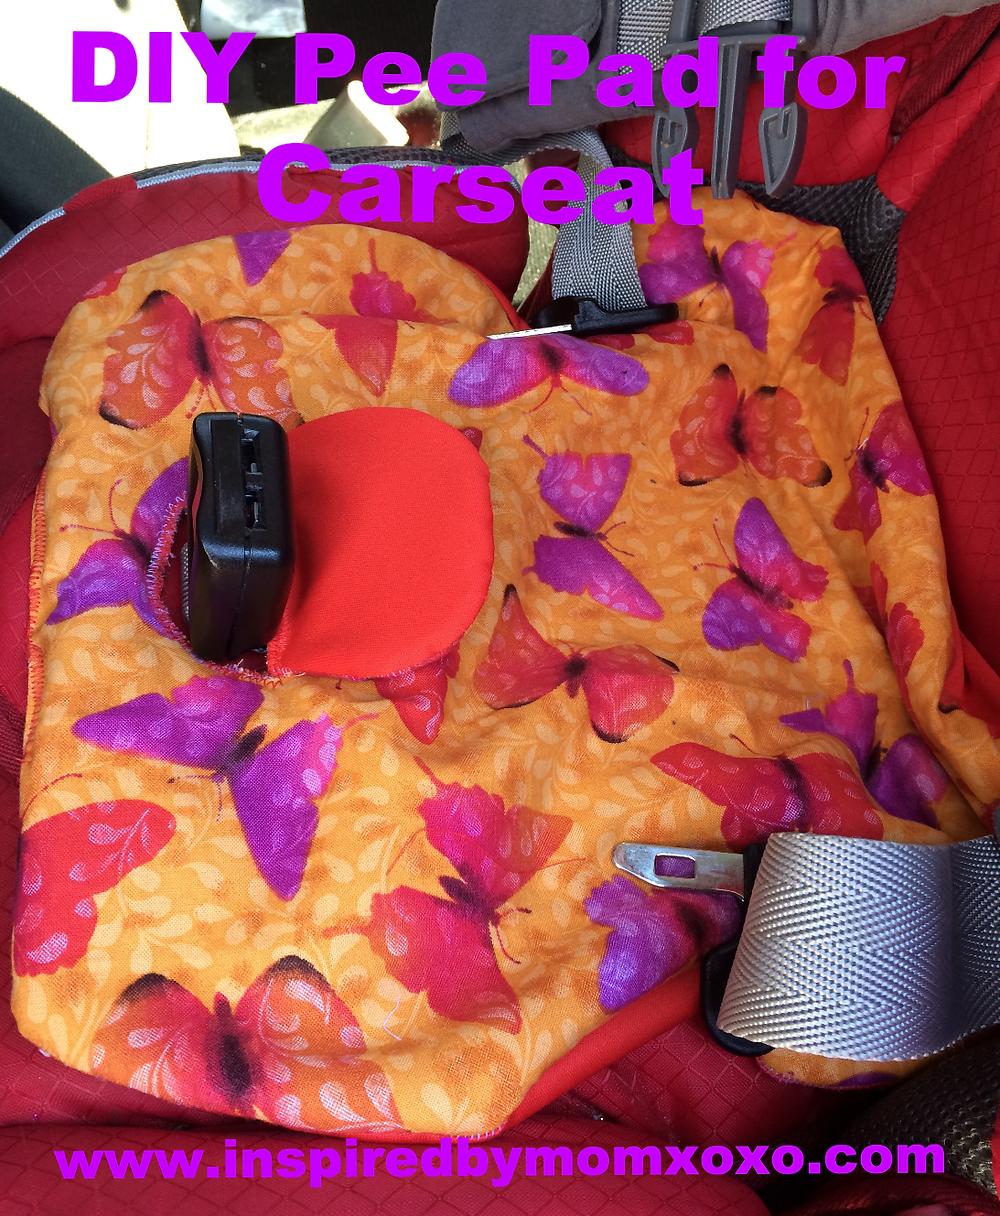 Tutorial: DIY carseat pee pad